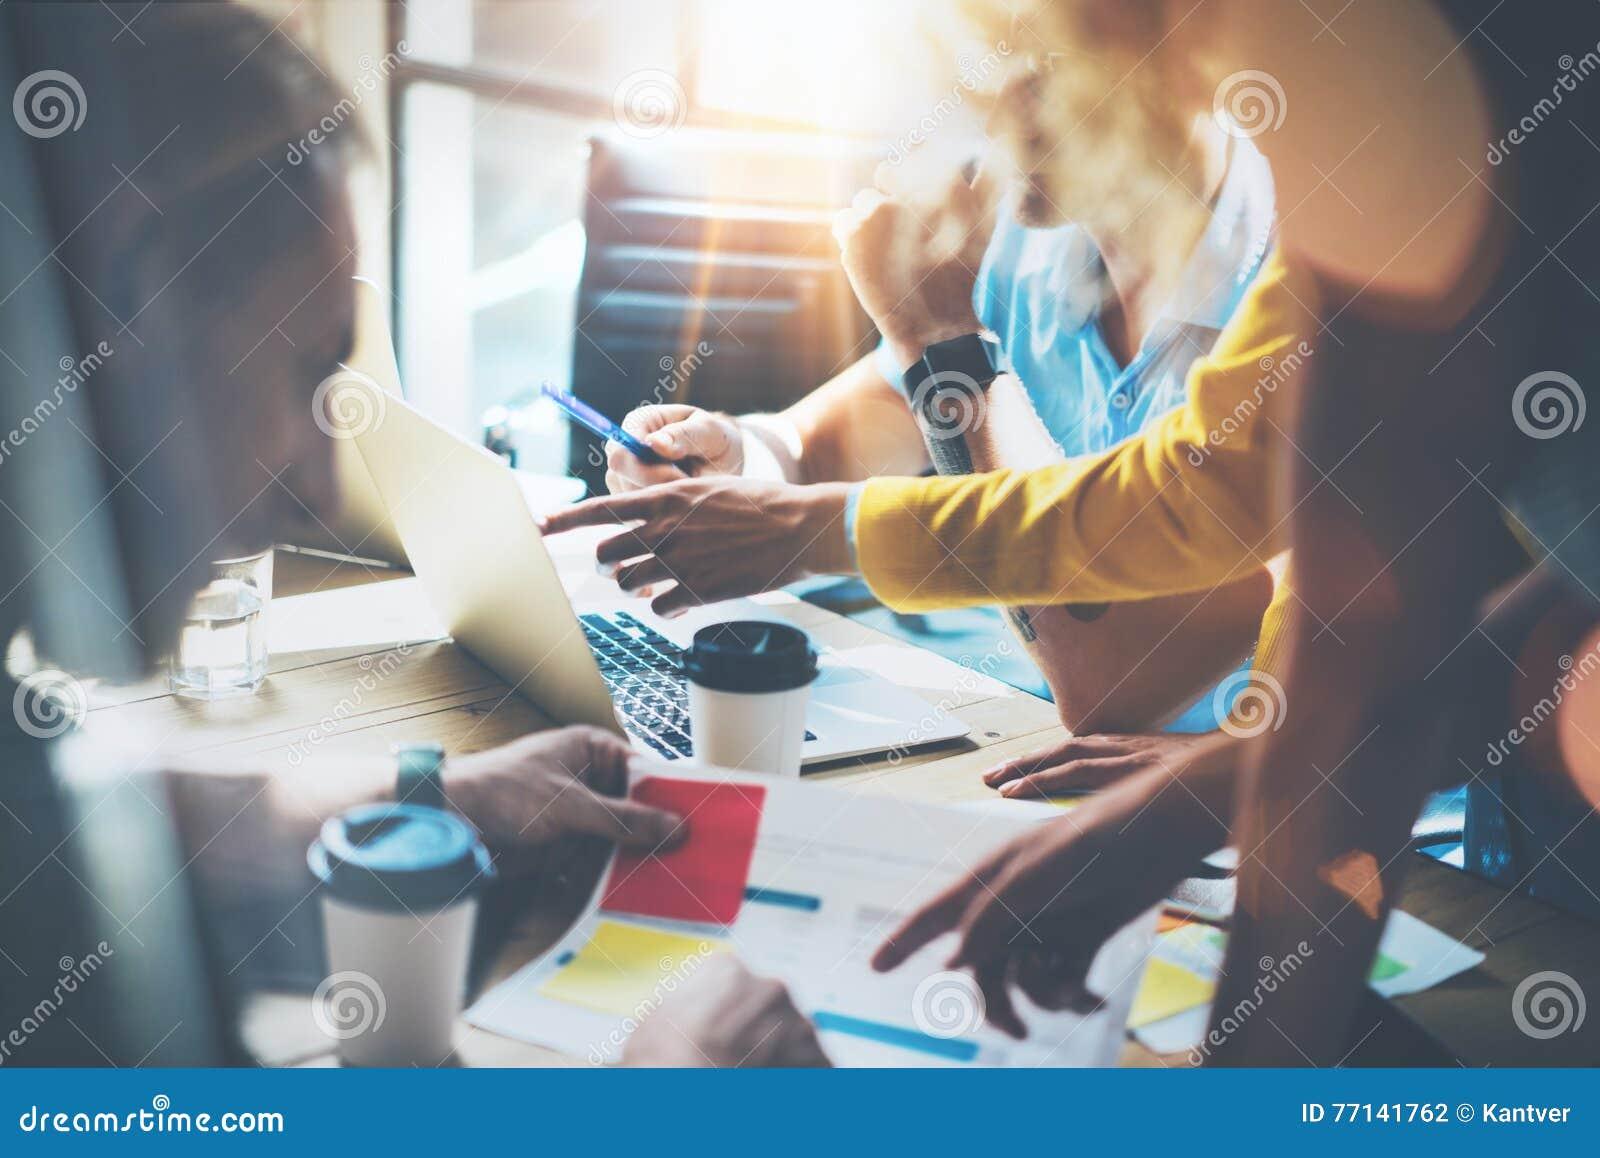 Compañeros de trabajo jovenes del grupo que toman grandes decisiones económicas Estudio de Team Discussion Corporate Work Concept